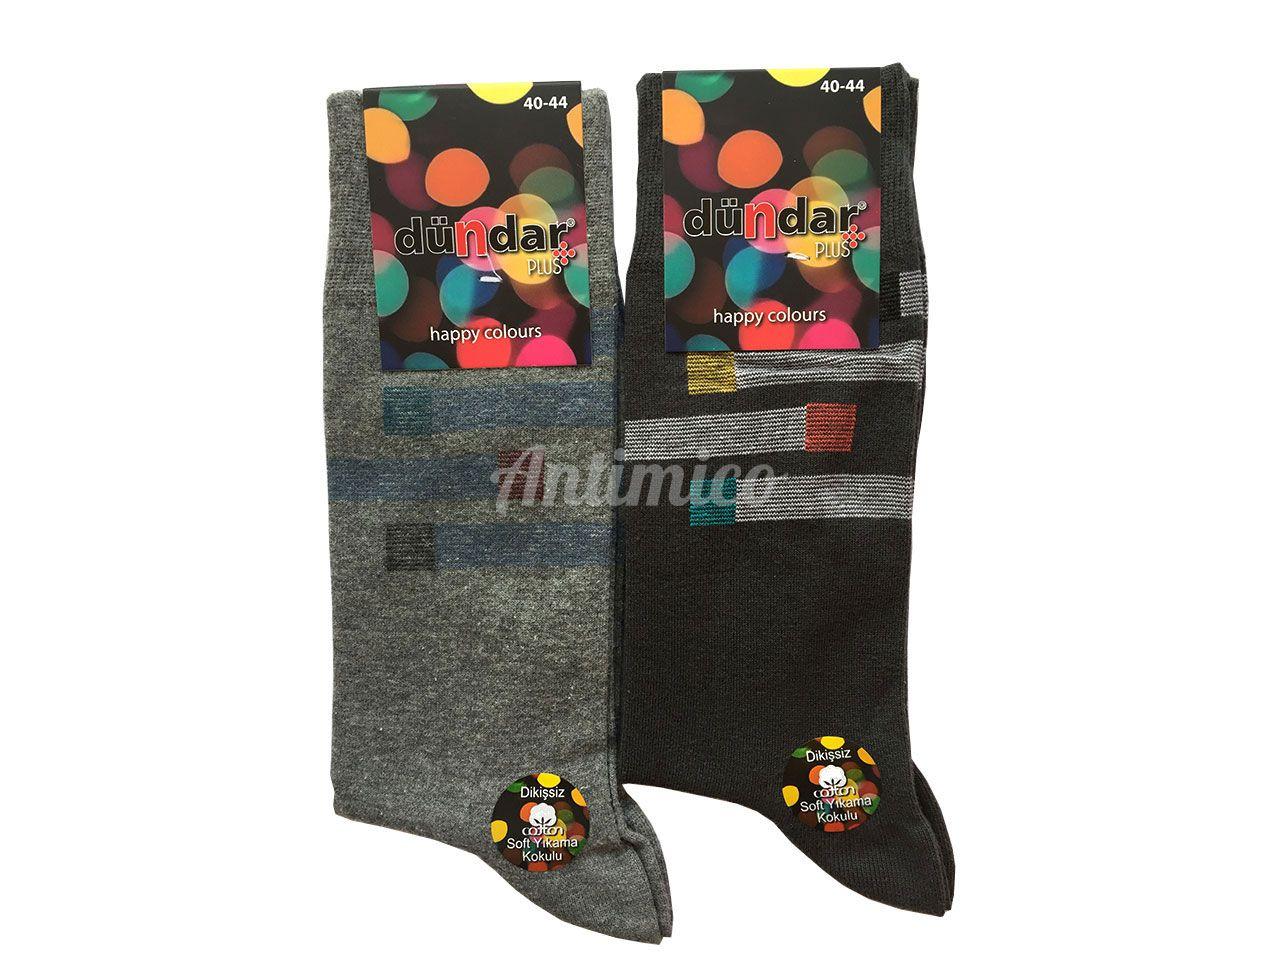 Aнтибактериални мъжки чорапи цветни линии 2бр.